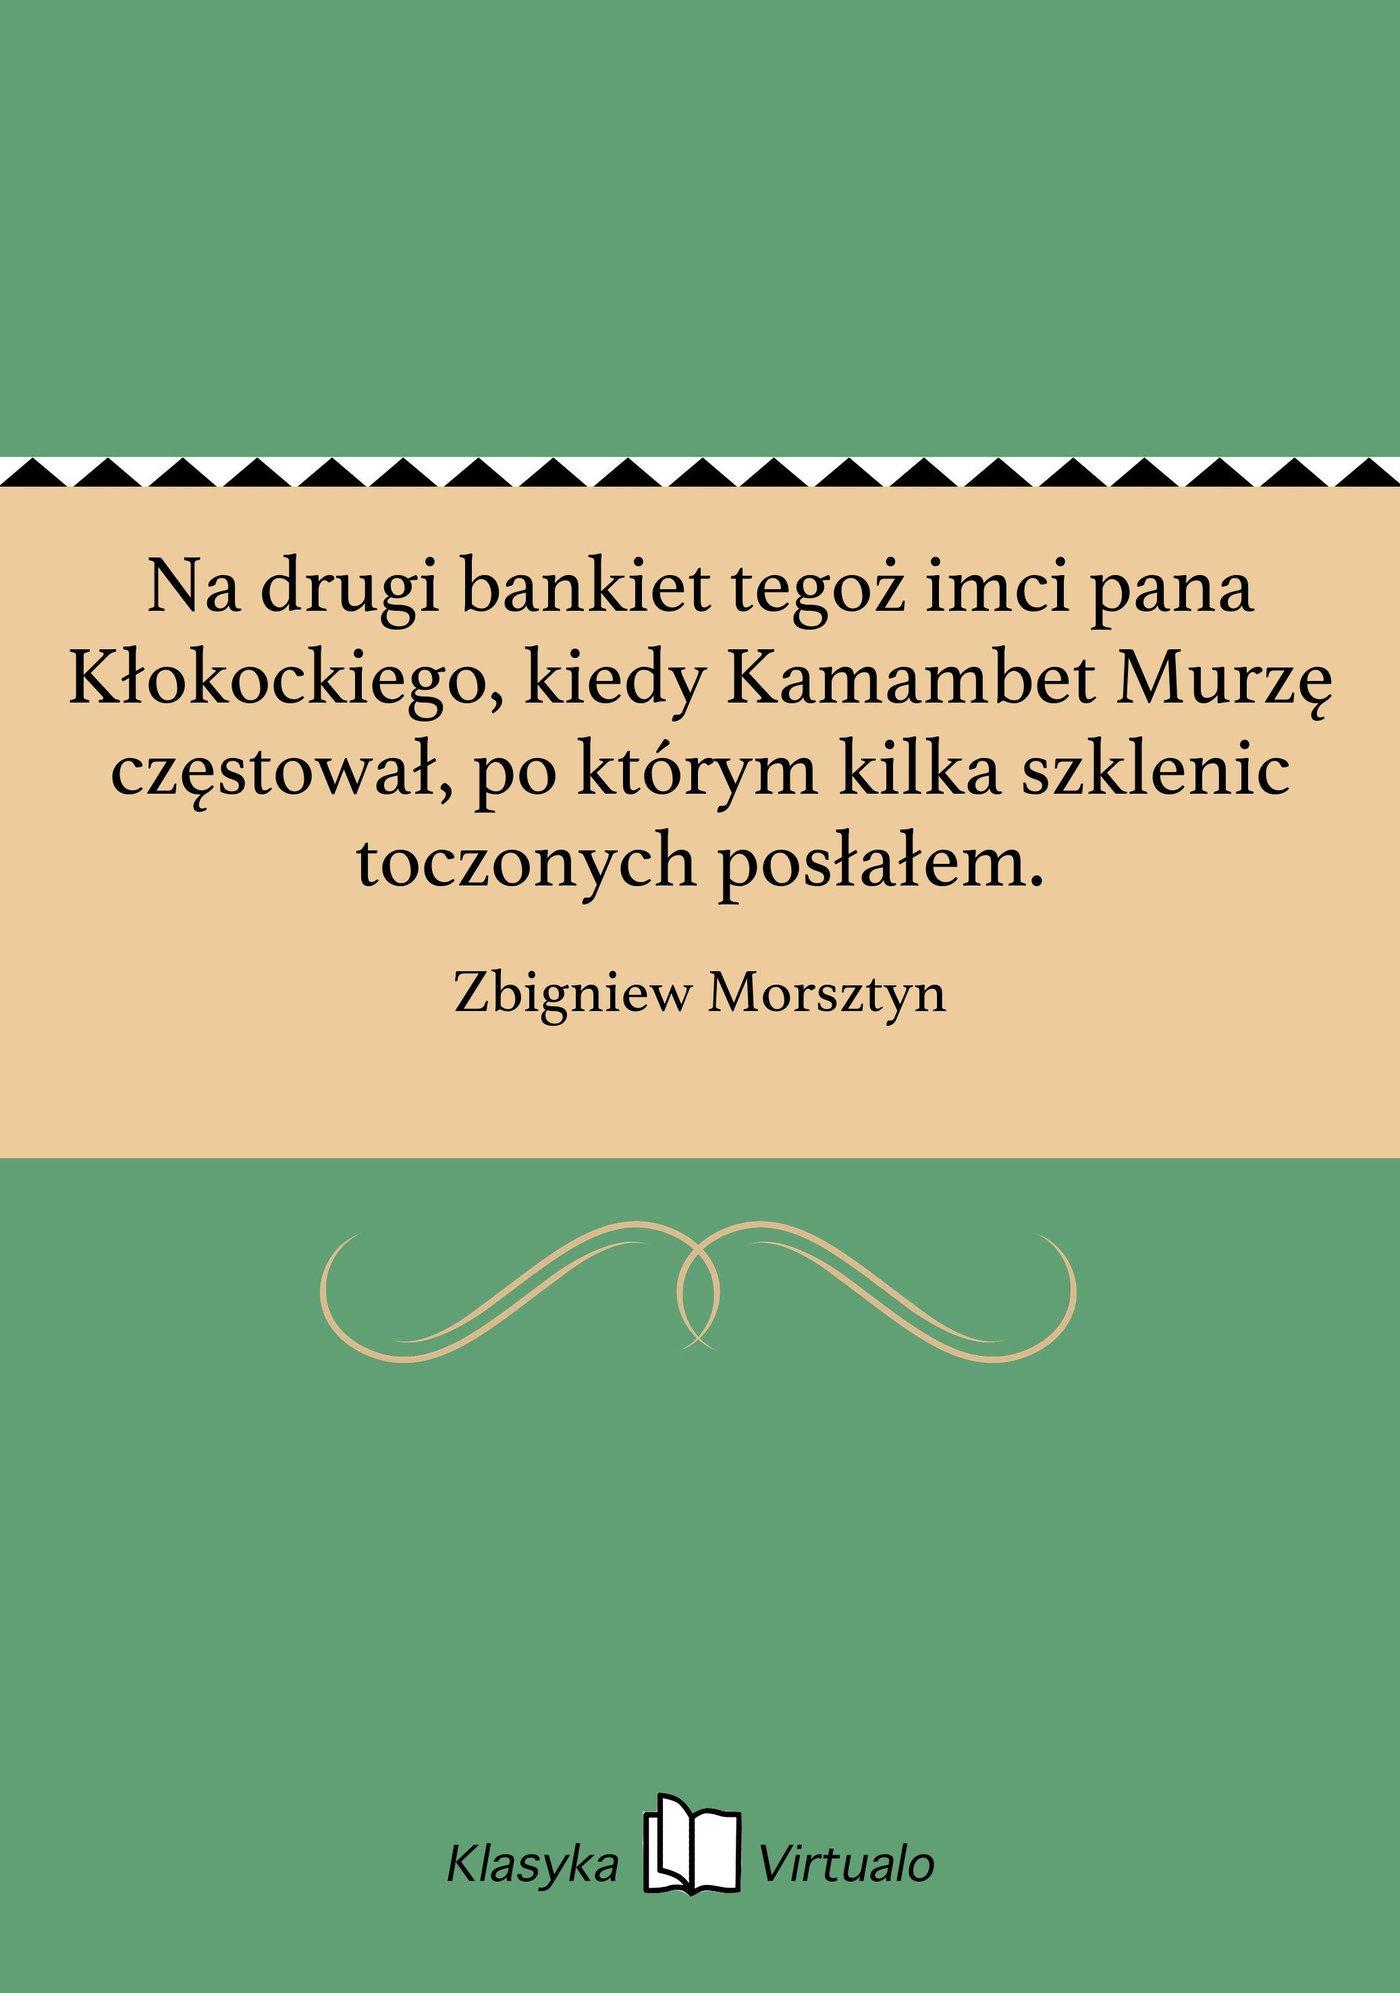 Na drugi bankiet tegoż imci pana Kłokockiego, kiedy Kamambet Murzę częstował, po którym kilka szklenic toczonych posłałem. - Ebook (Książka EPUB) do pobrania w formacie EPUB